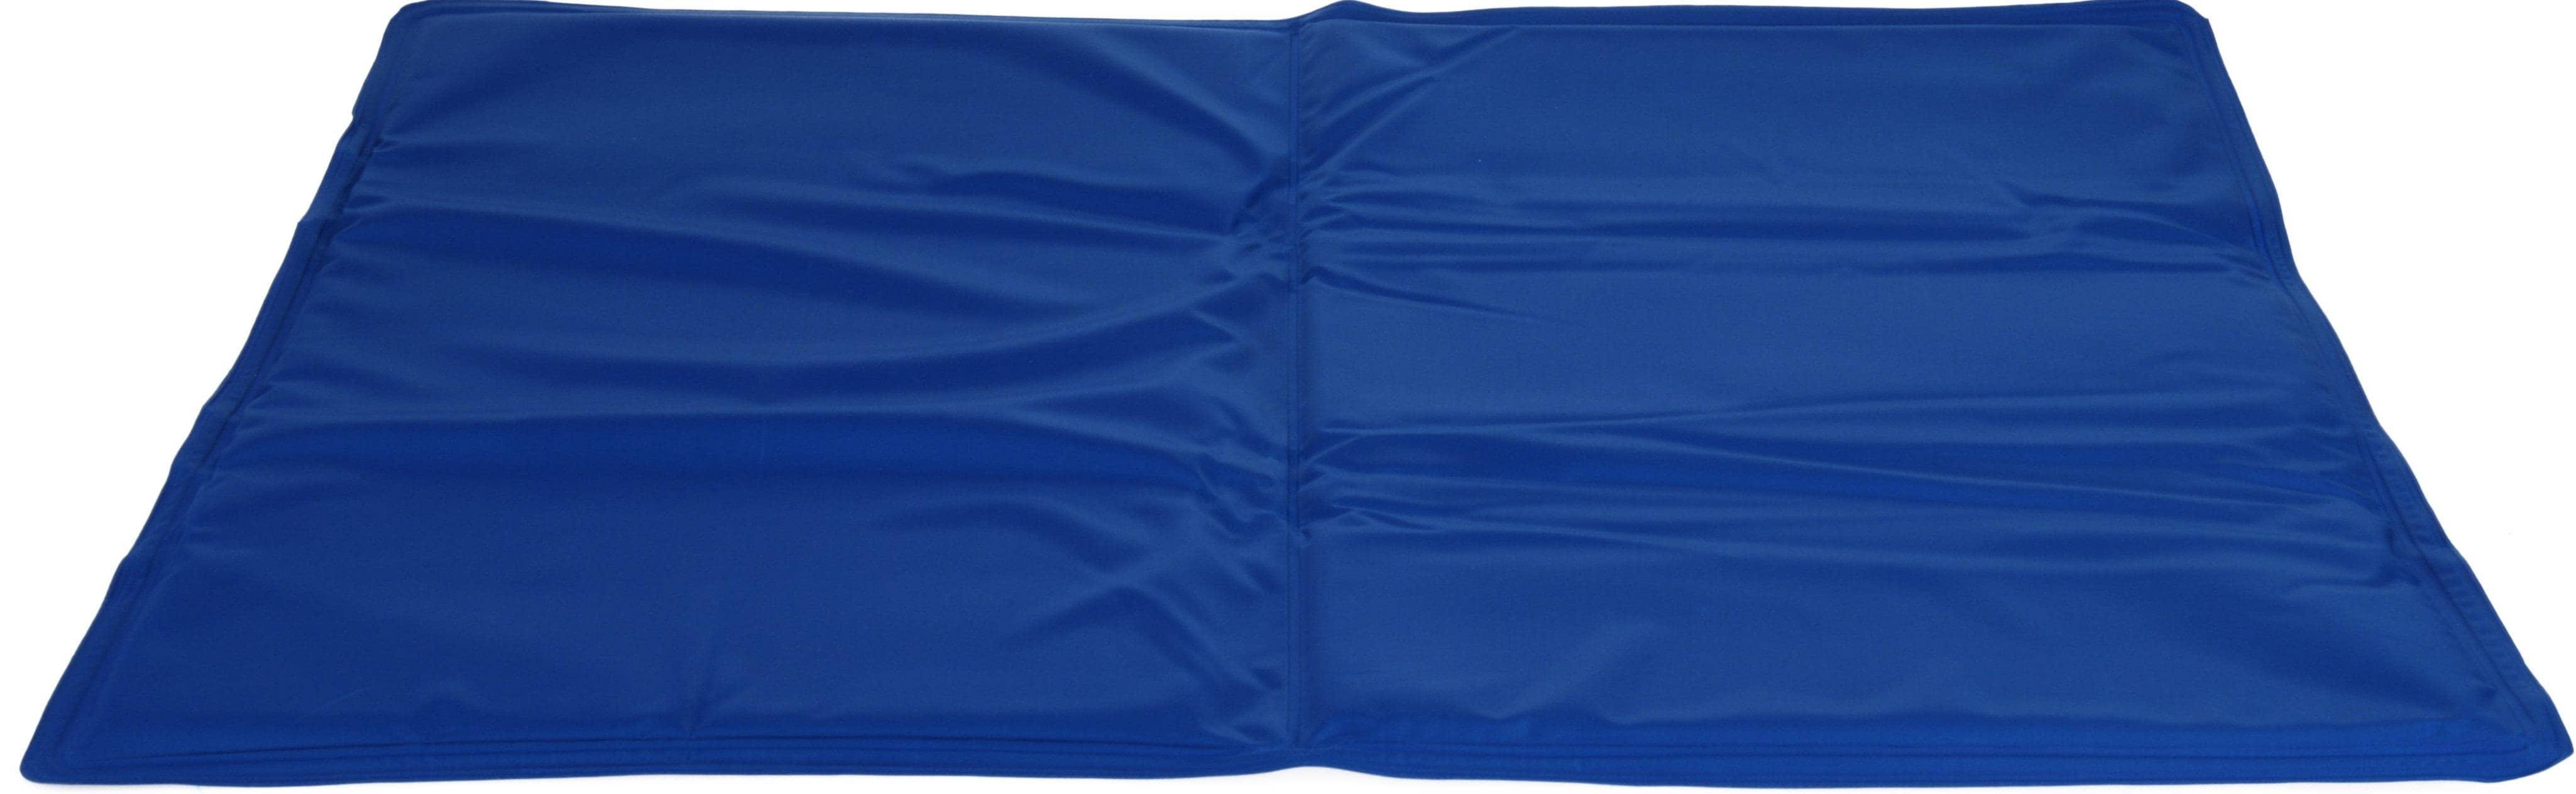 4animalz Koelmat voor honden en katten - 50x65 CM - Blauw